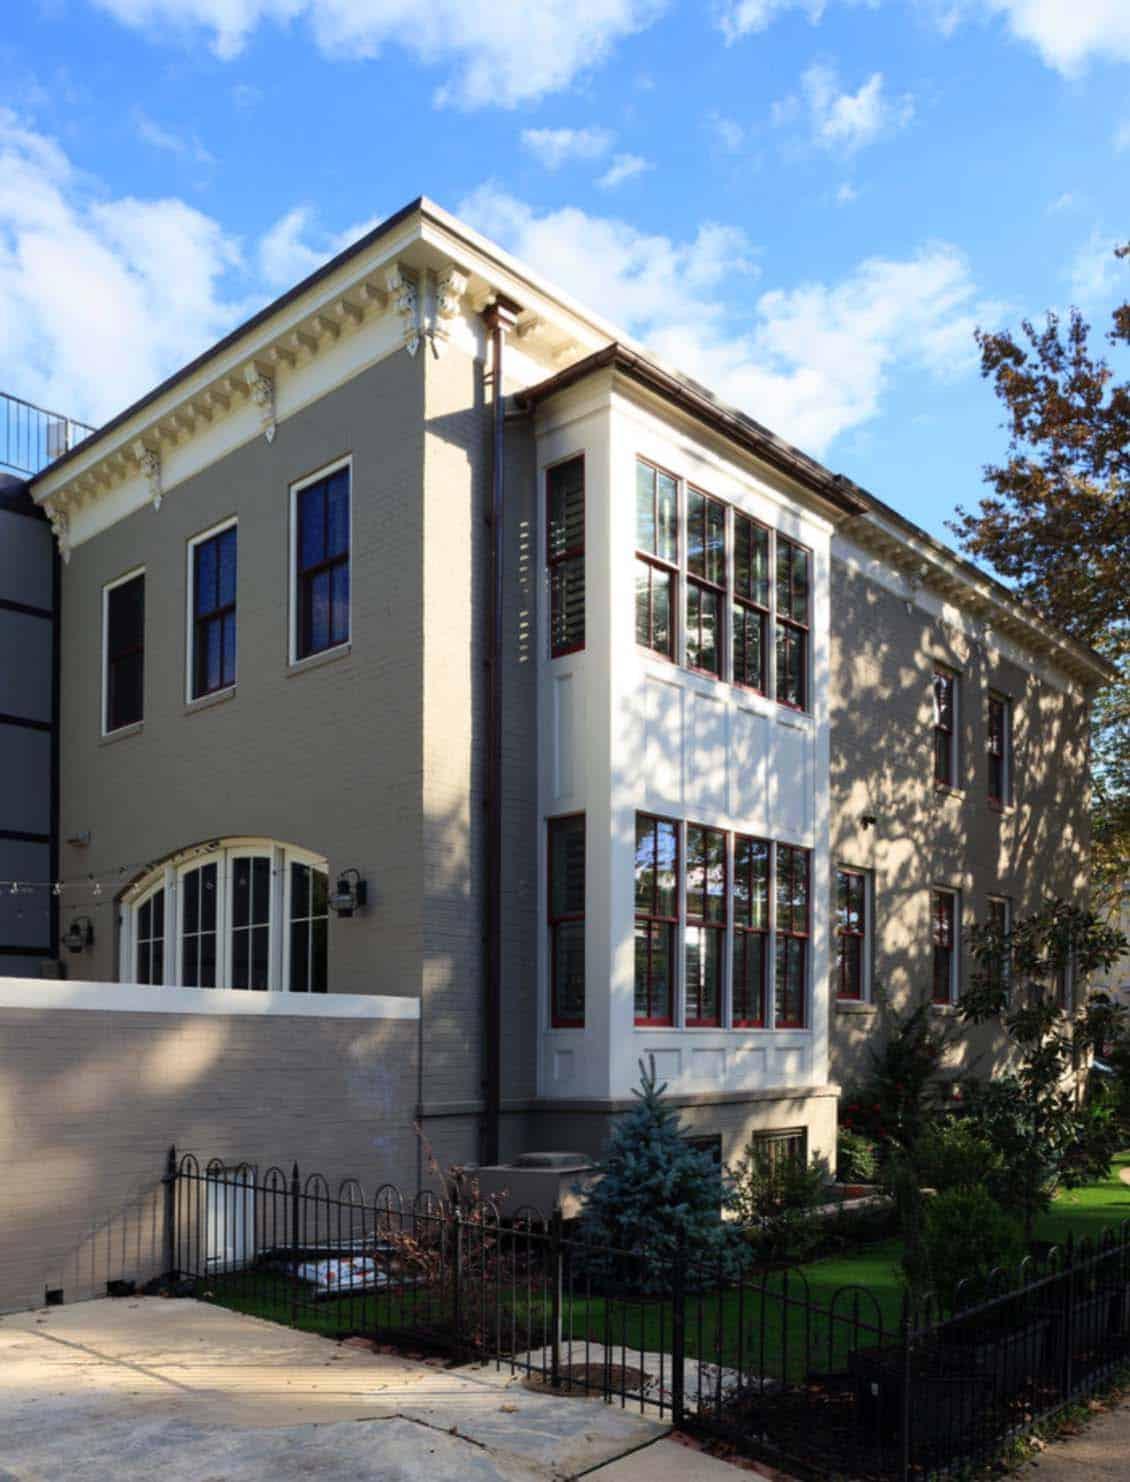 Rénovation de maison de style transitionnel-Lawlor Architects-15-1 Kindesign